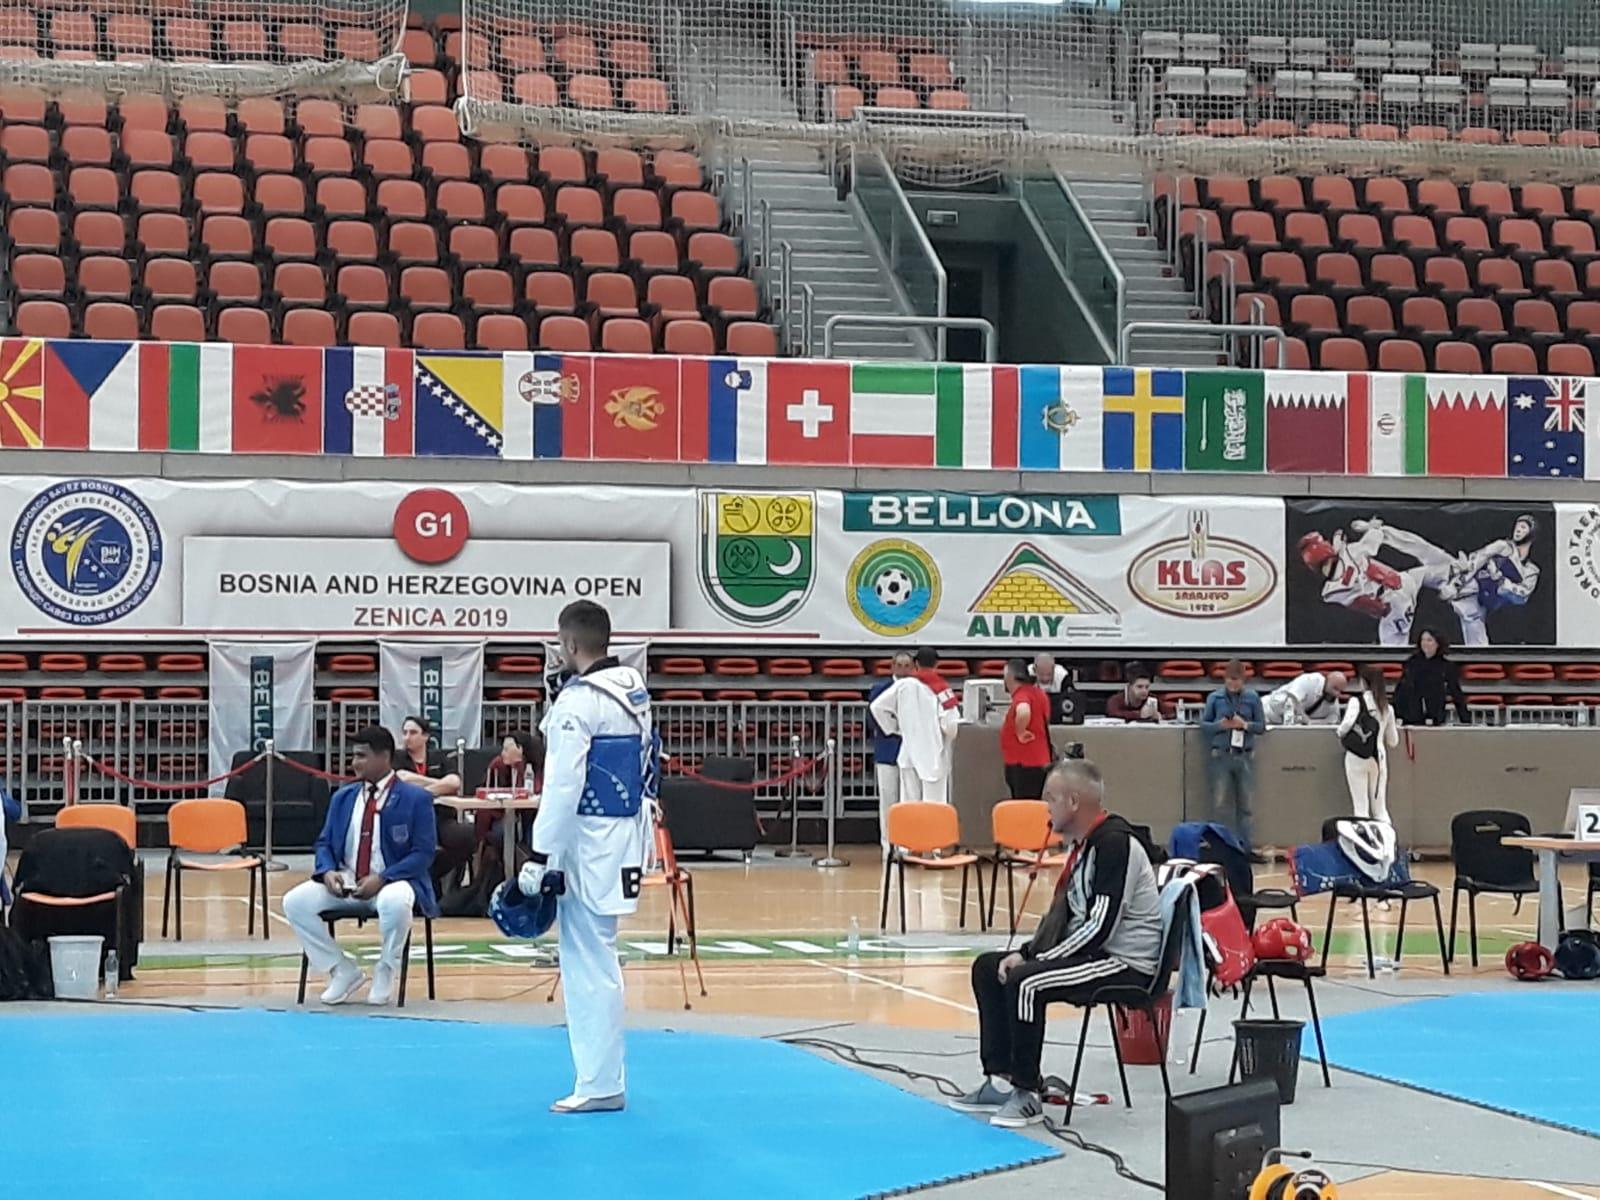 Brončana medalja za Saru Grubišić na Bosnia and Herzegovina open G1